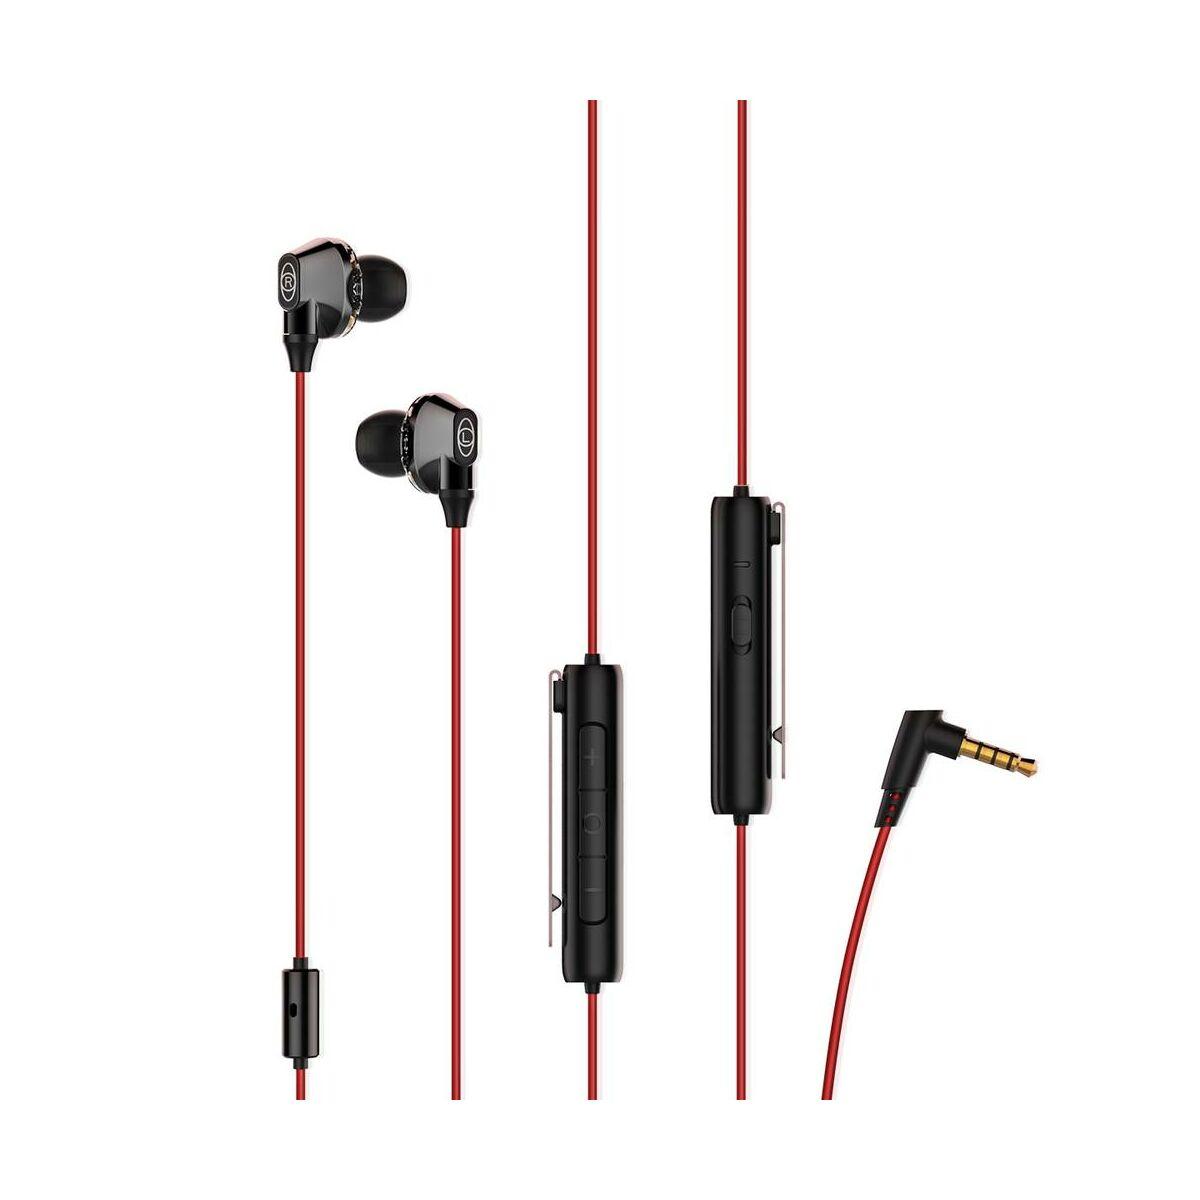 Baseus fülhallgató, Encok H08, Immersive virtual 3D gaming, mini jack, vezetékes, vezérlővel, piros/fekete (NGH08-91)